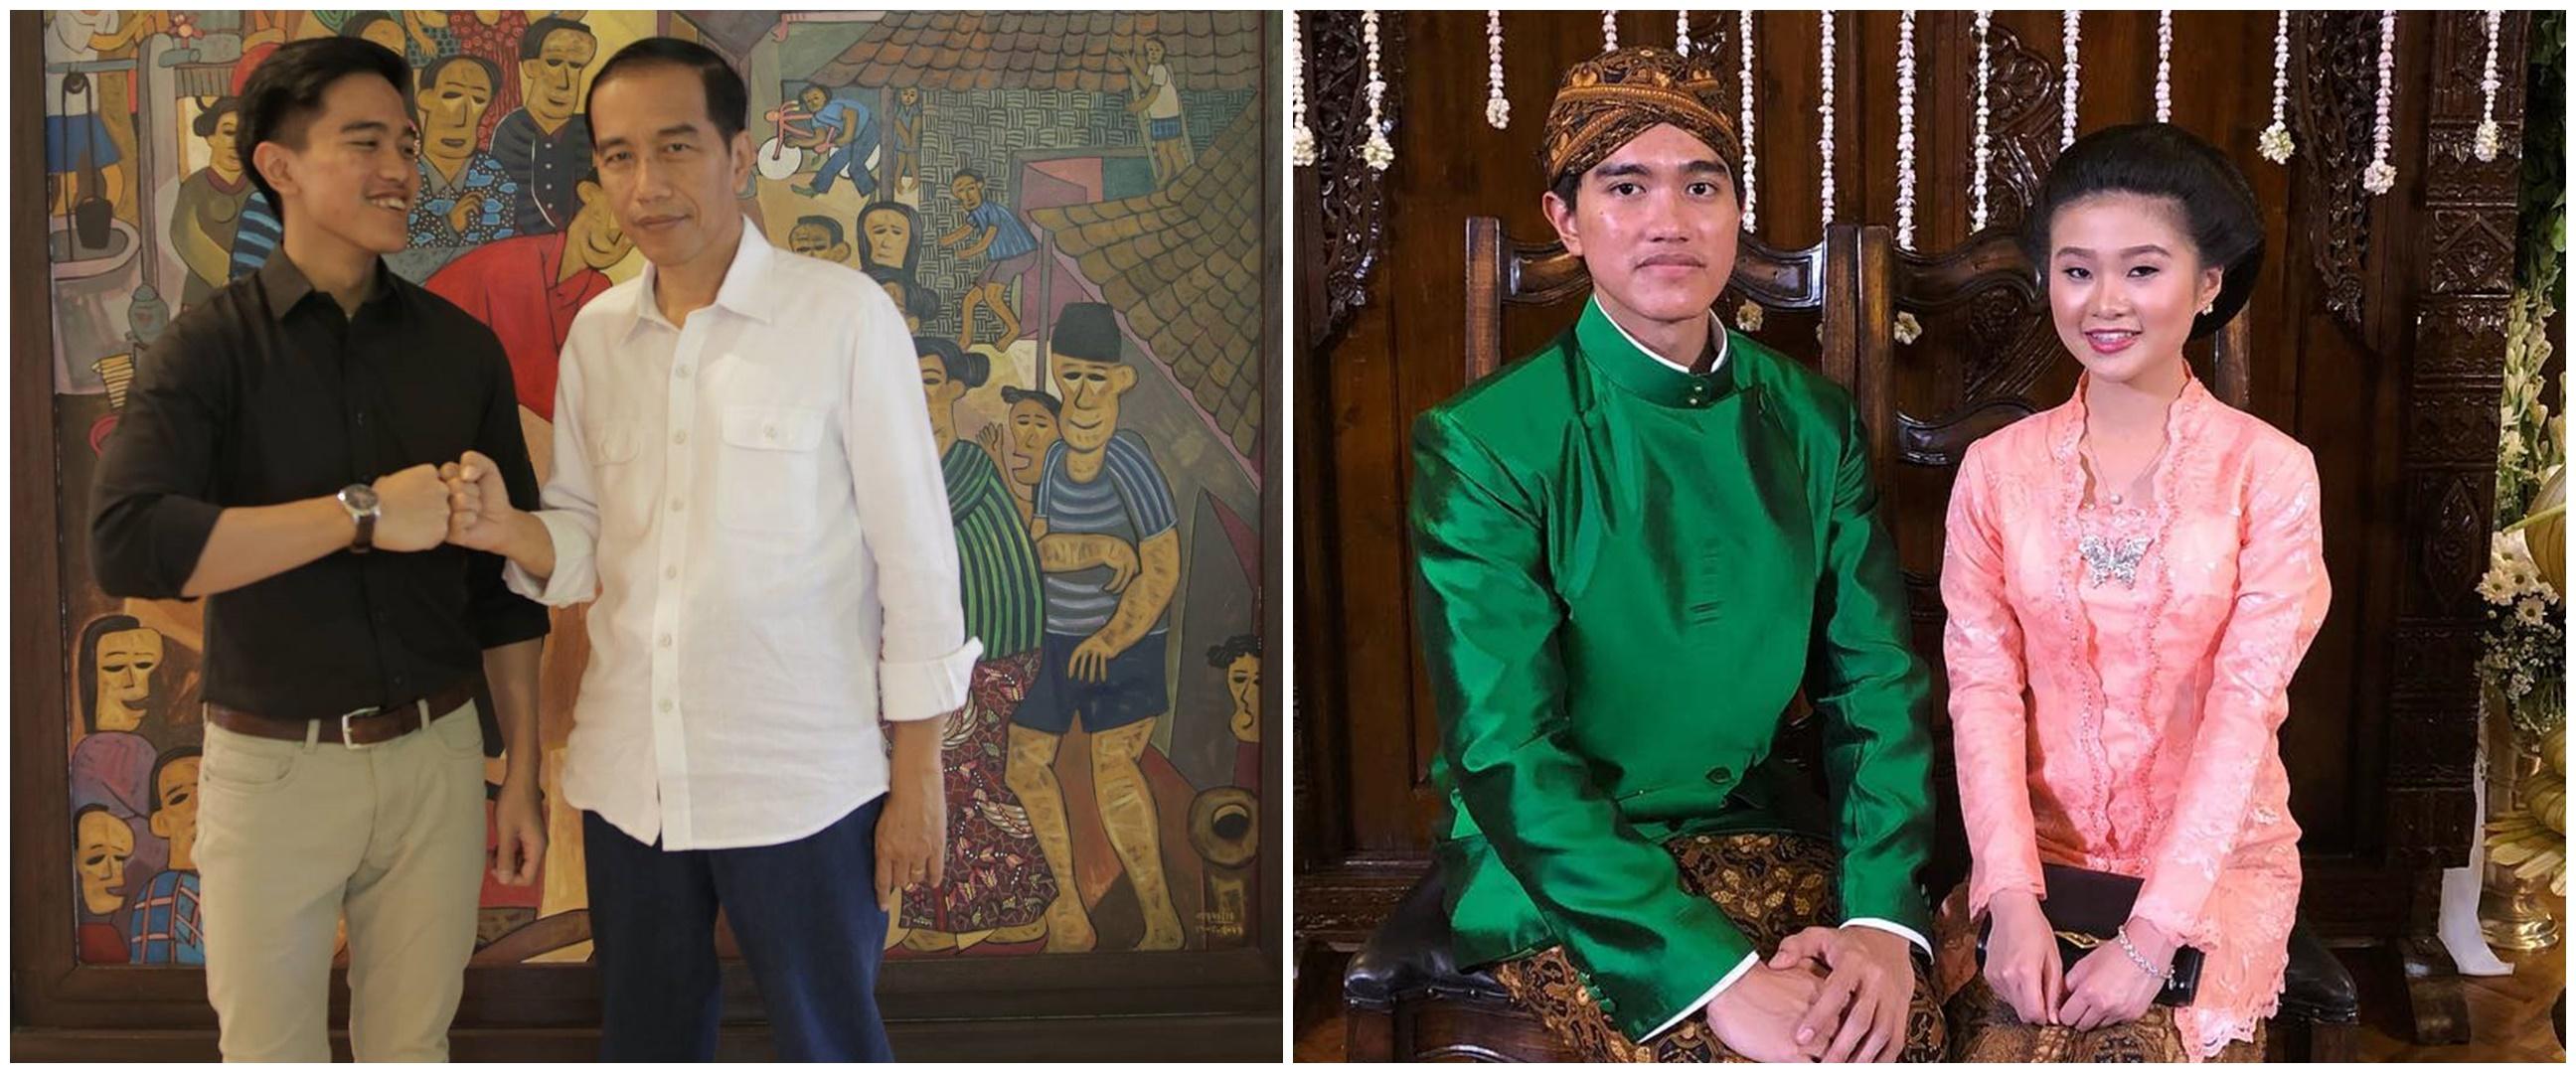 Potret pertemuan keluarga Jokowi dan Felicia ini jadi sorotan